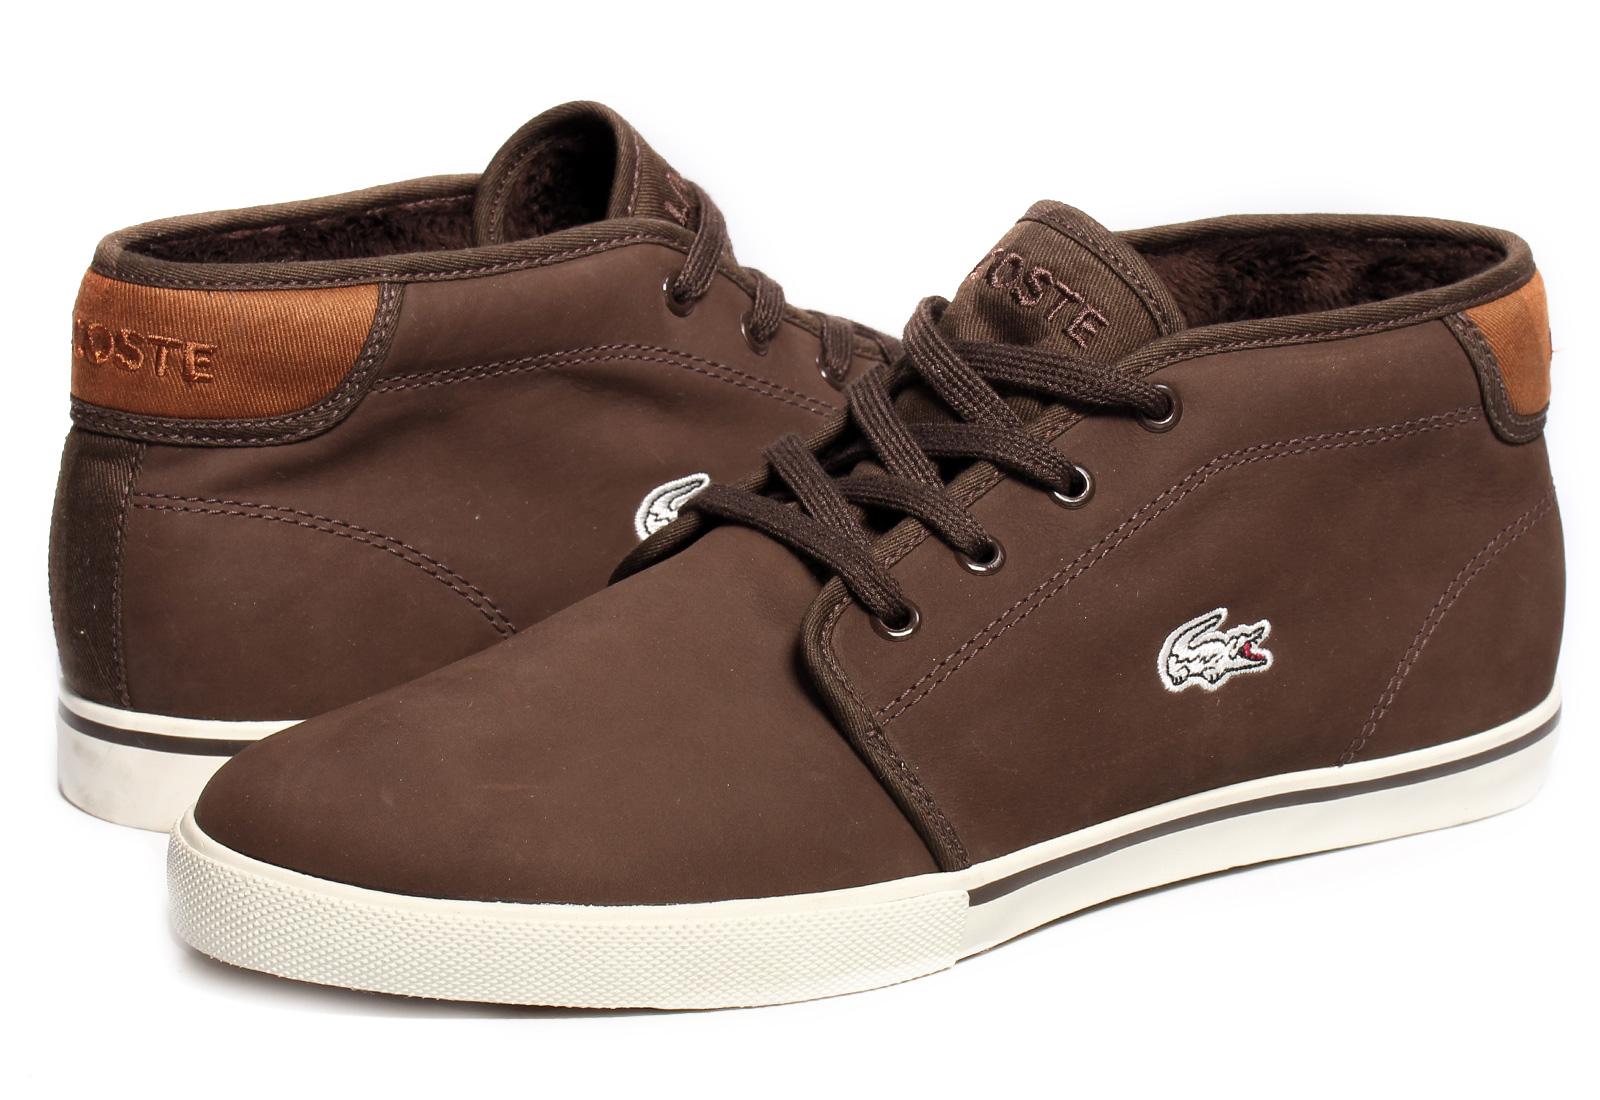 Lacoste Shoes - Ampthill Nbk - 133spm0014-1w9